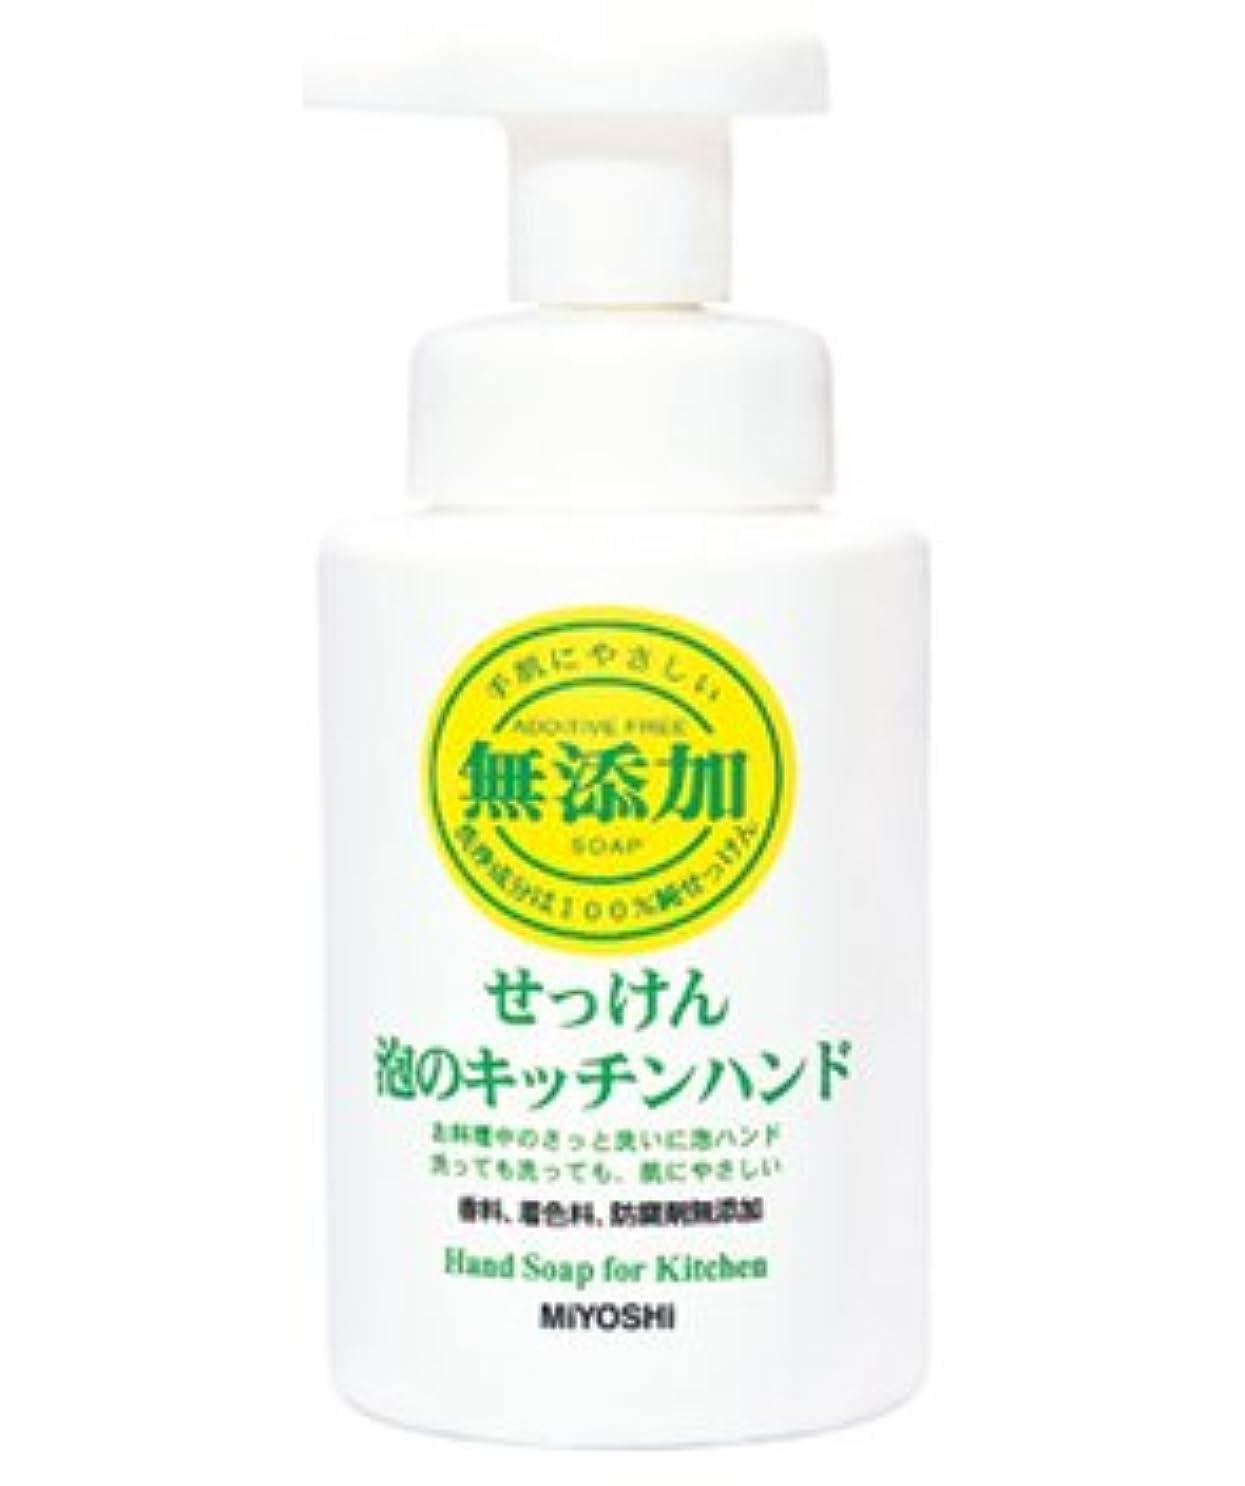 汚れた慎重にカニミヨシ石鹸 無添加せっけん 泡のキッチンハンド  250ml(無添加 キッチンハンドソープ)×24点セット (4537130100639)